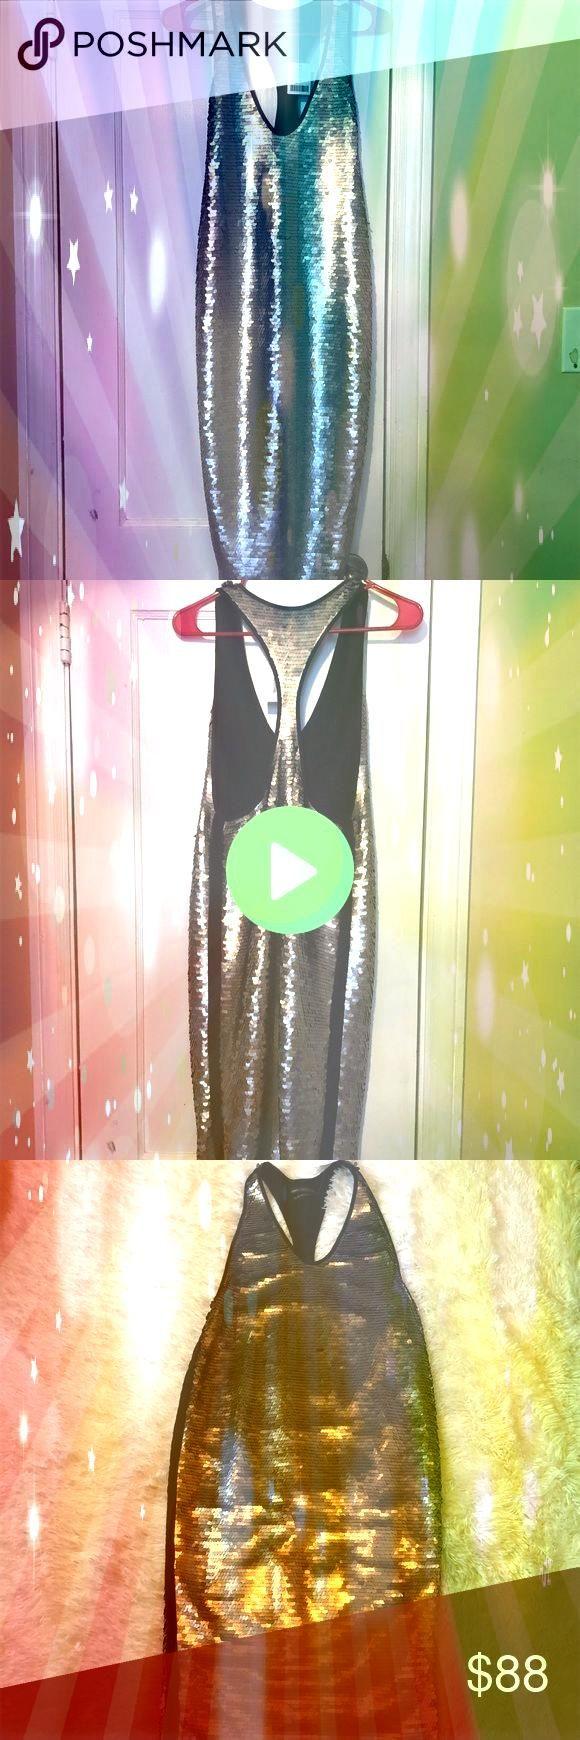 PICK🍾🎉 Pailletten tank Midi-jurk HP 10/22, gekleed om indruk te maken ...,  🍾🎊HOST PICK🍾🎉 Pailletten tank Midi-jurk HP 10/22, gekleed om indruk te maken ..., 🍾🎊HOST PICK🍾🎉 Pailletten tank Midi-jurk HP 10/22, gekleed om indruk te maken ...,   Wandschreibtisch-Veranstalter ~ Urban Outfitters Kupferdraht ...   Möglichkeiten, die Kick Flare Cord mit Mia Colona - U...